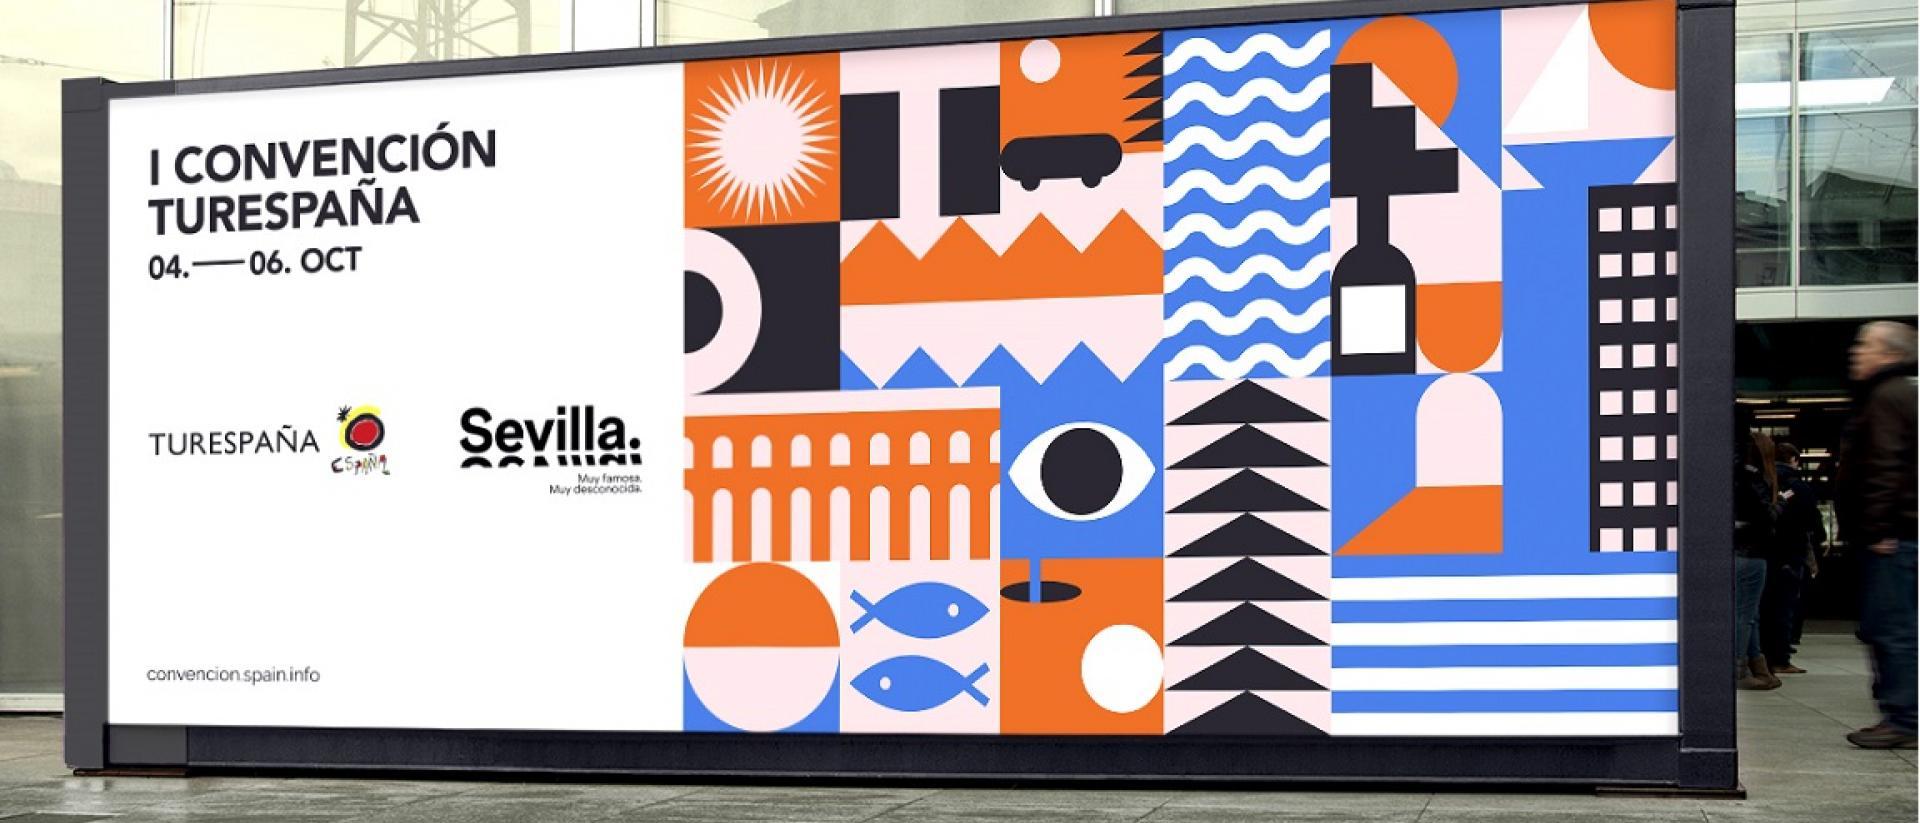 Turespaña organizará el próximo octubre, en Sevilla, la primera Convención de destinos turísticos españoles